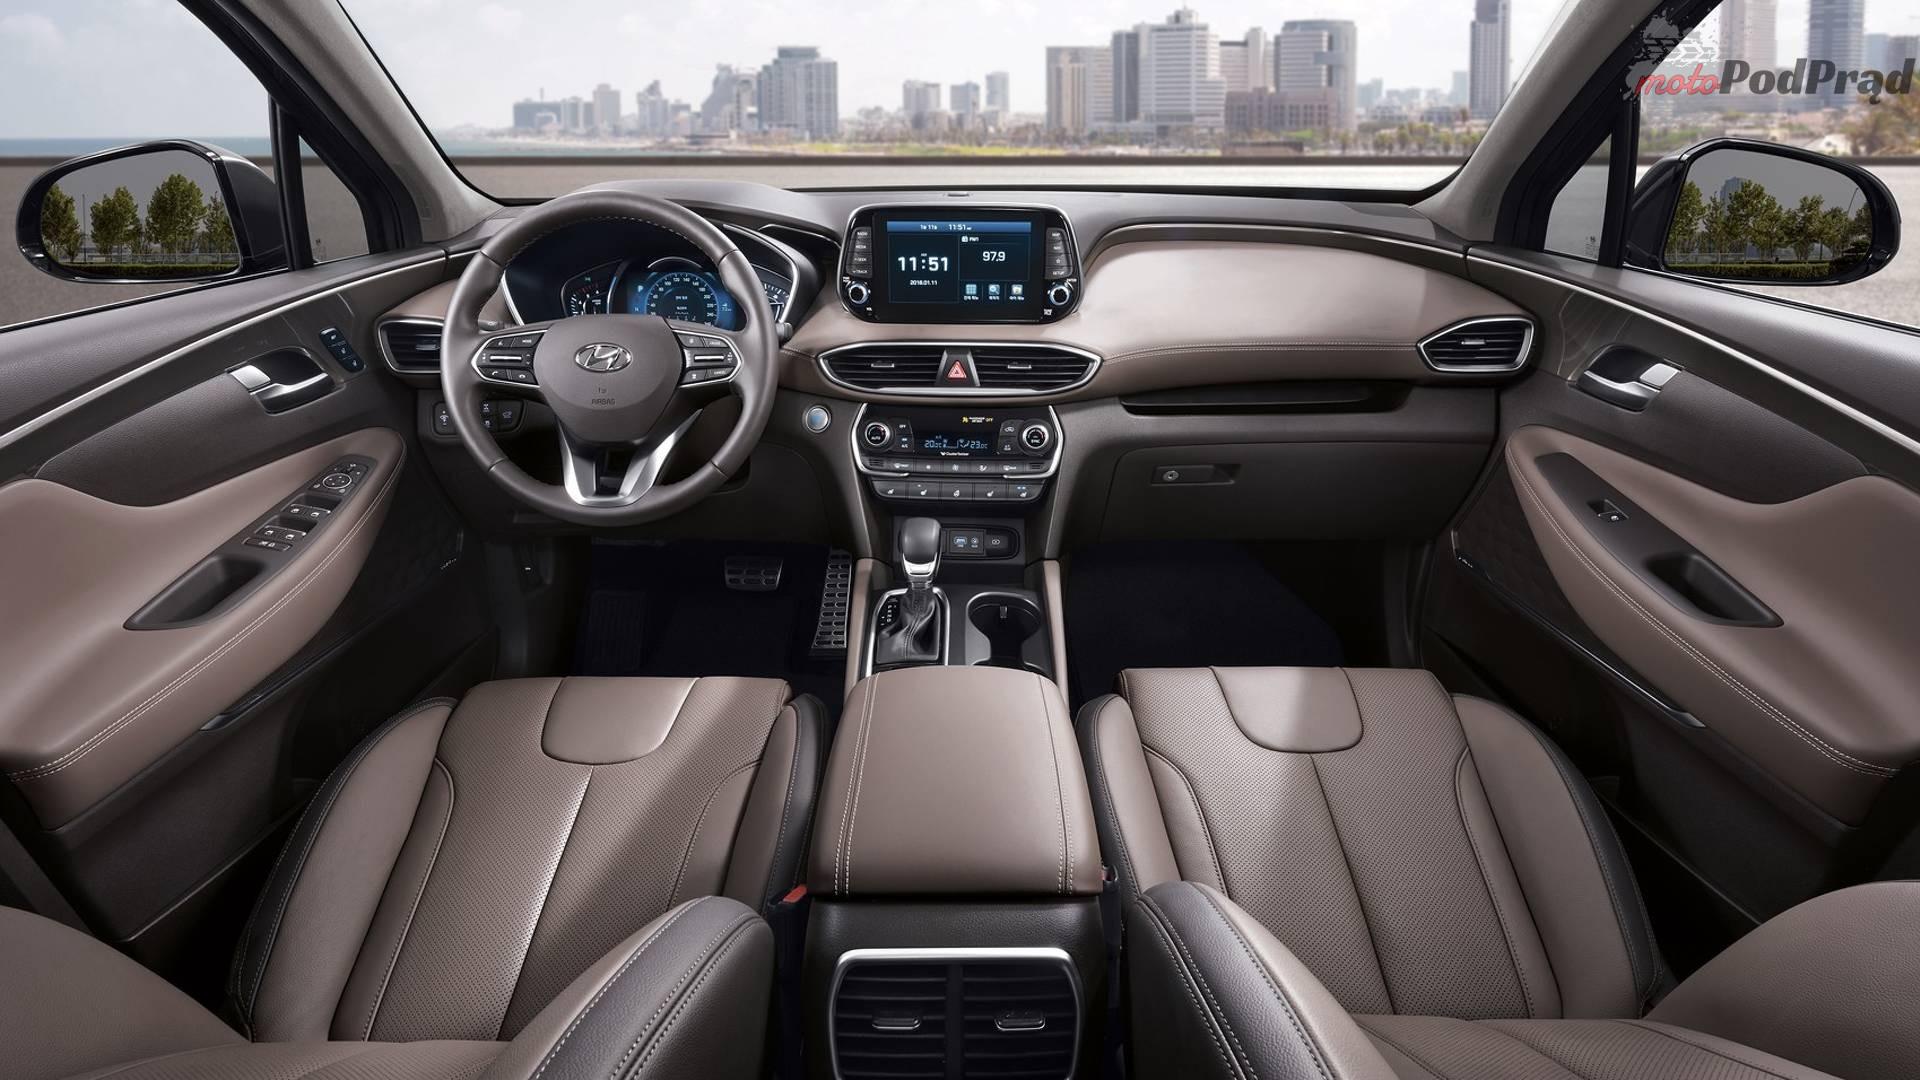 2019 hyundai santa fe 1 Nowości, teasery i zapowiedzi: Mazda, Hyundai